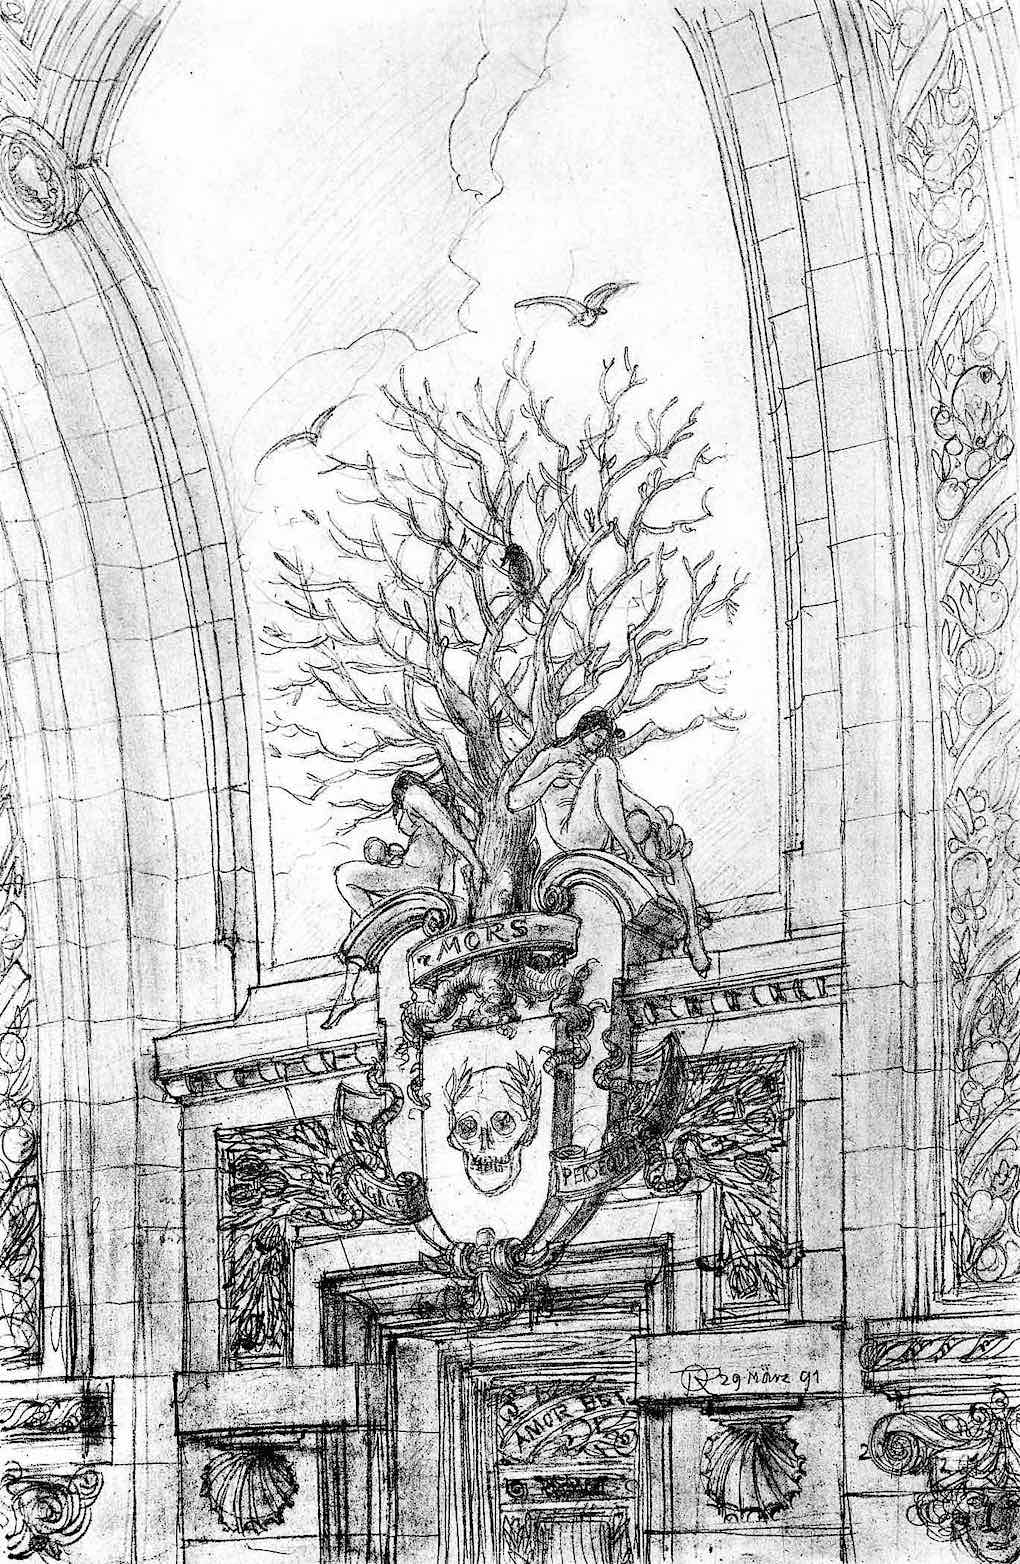 Otto Rieth 1896 fantasy architecture